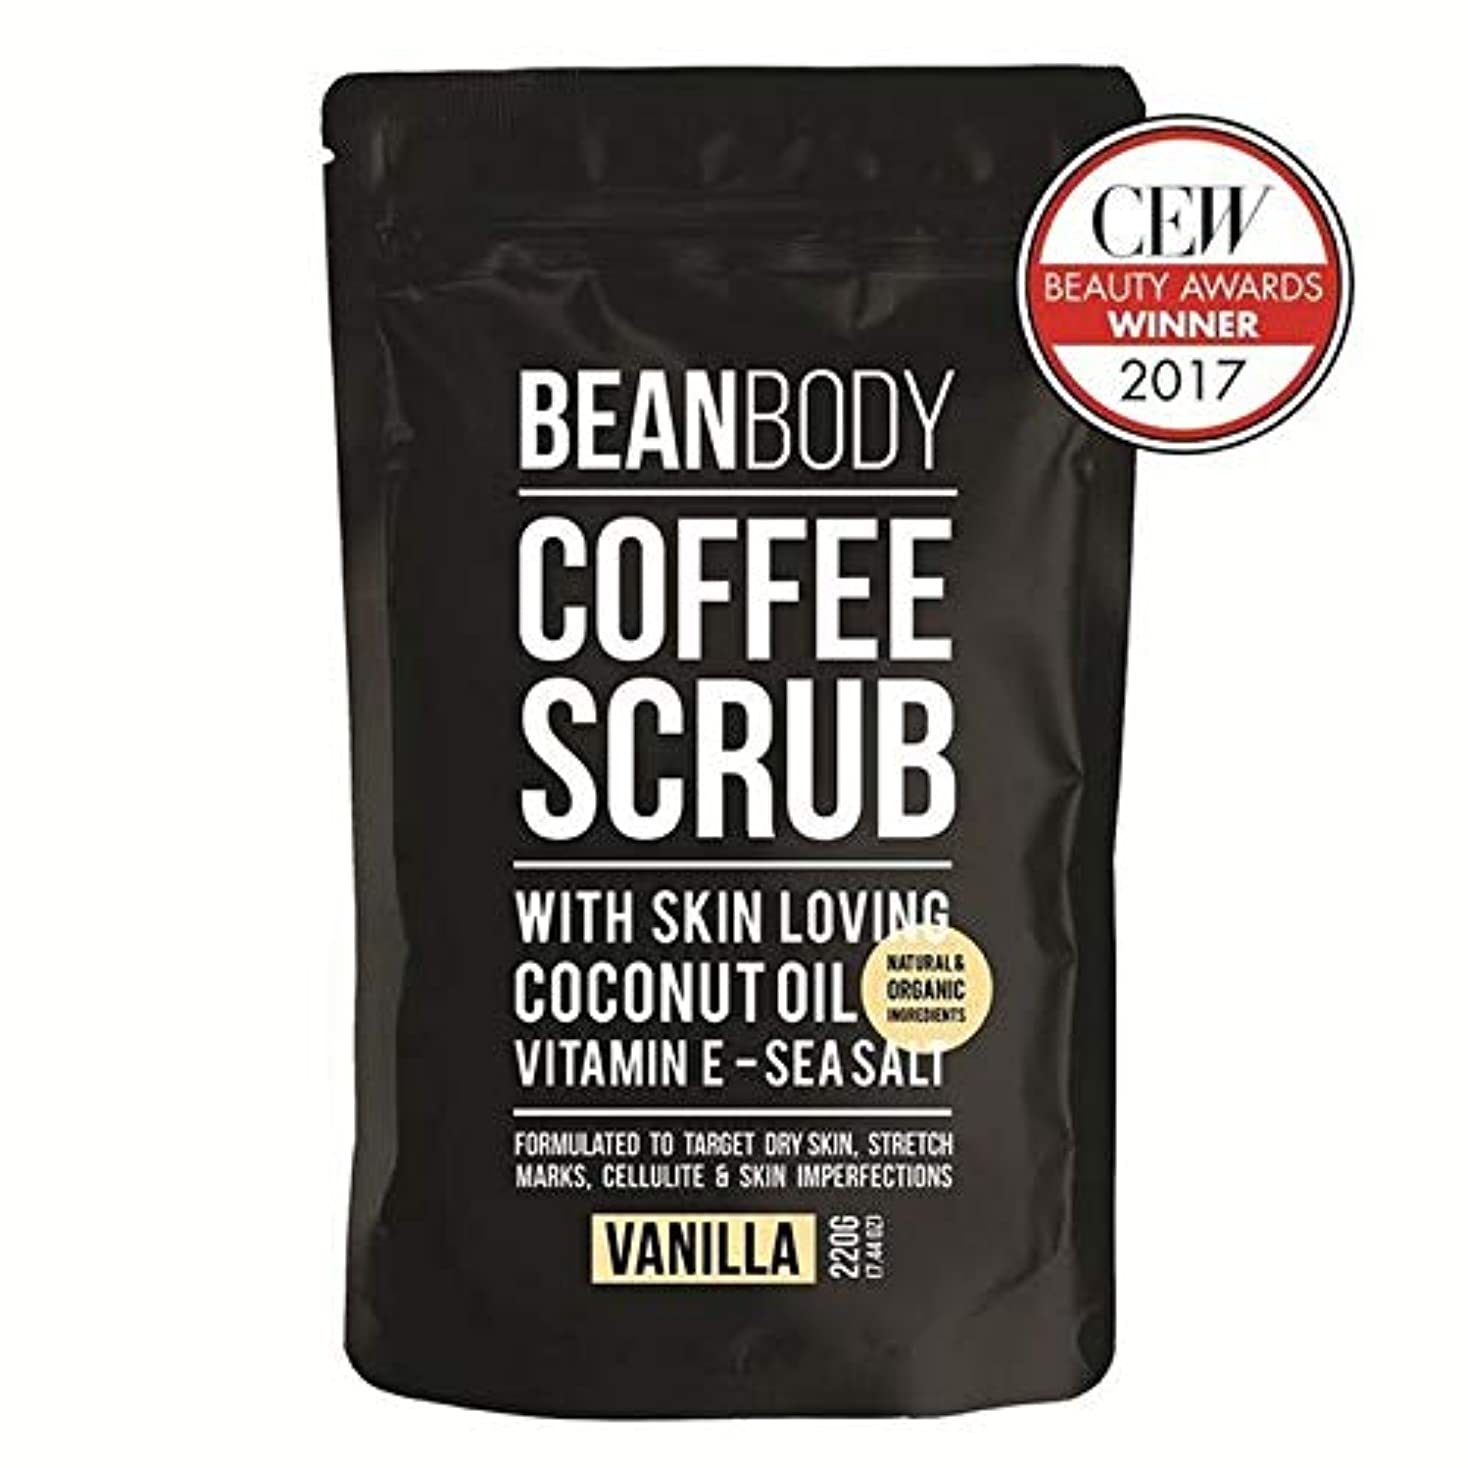 違法付ける許容できる[Bean Body ] 豆のボディスクラブコーヒー、バニラ220グラム - Bean Body Coffee Scrub, Vanilla 220g [並行輸入品]